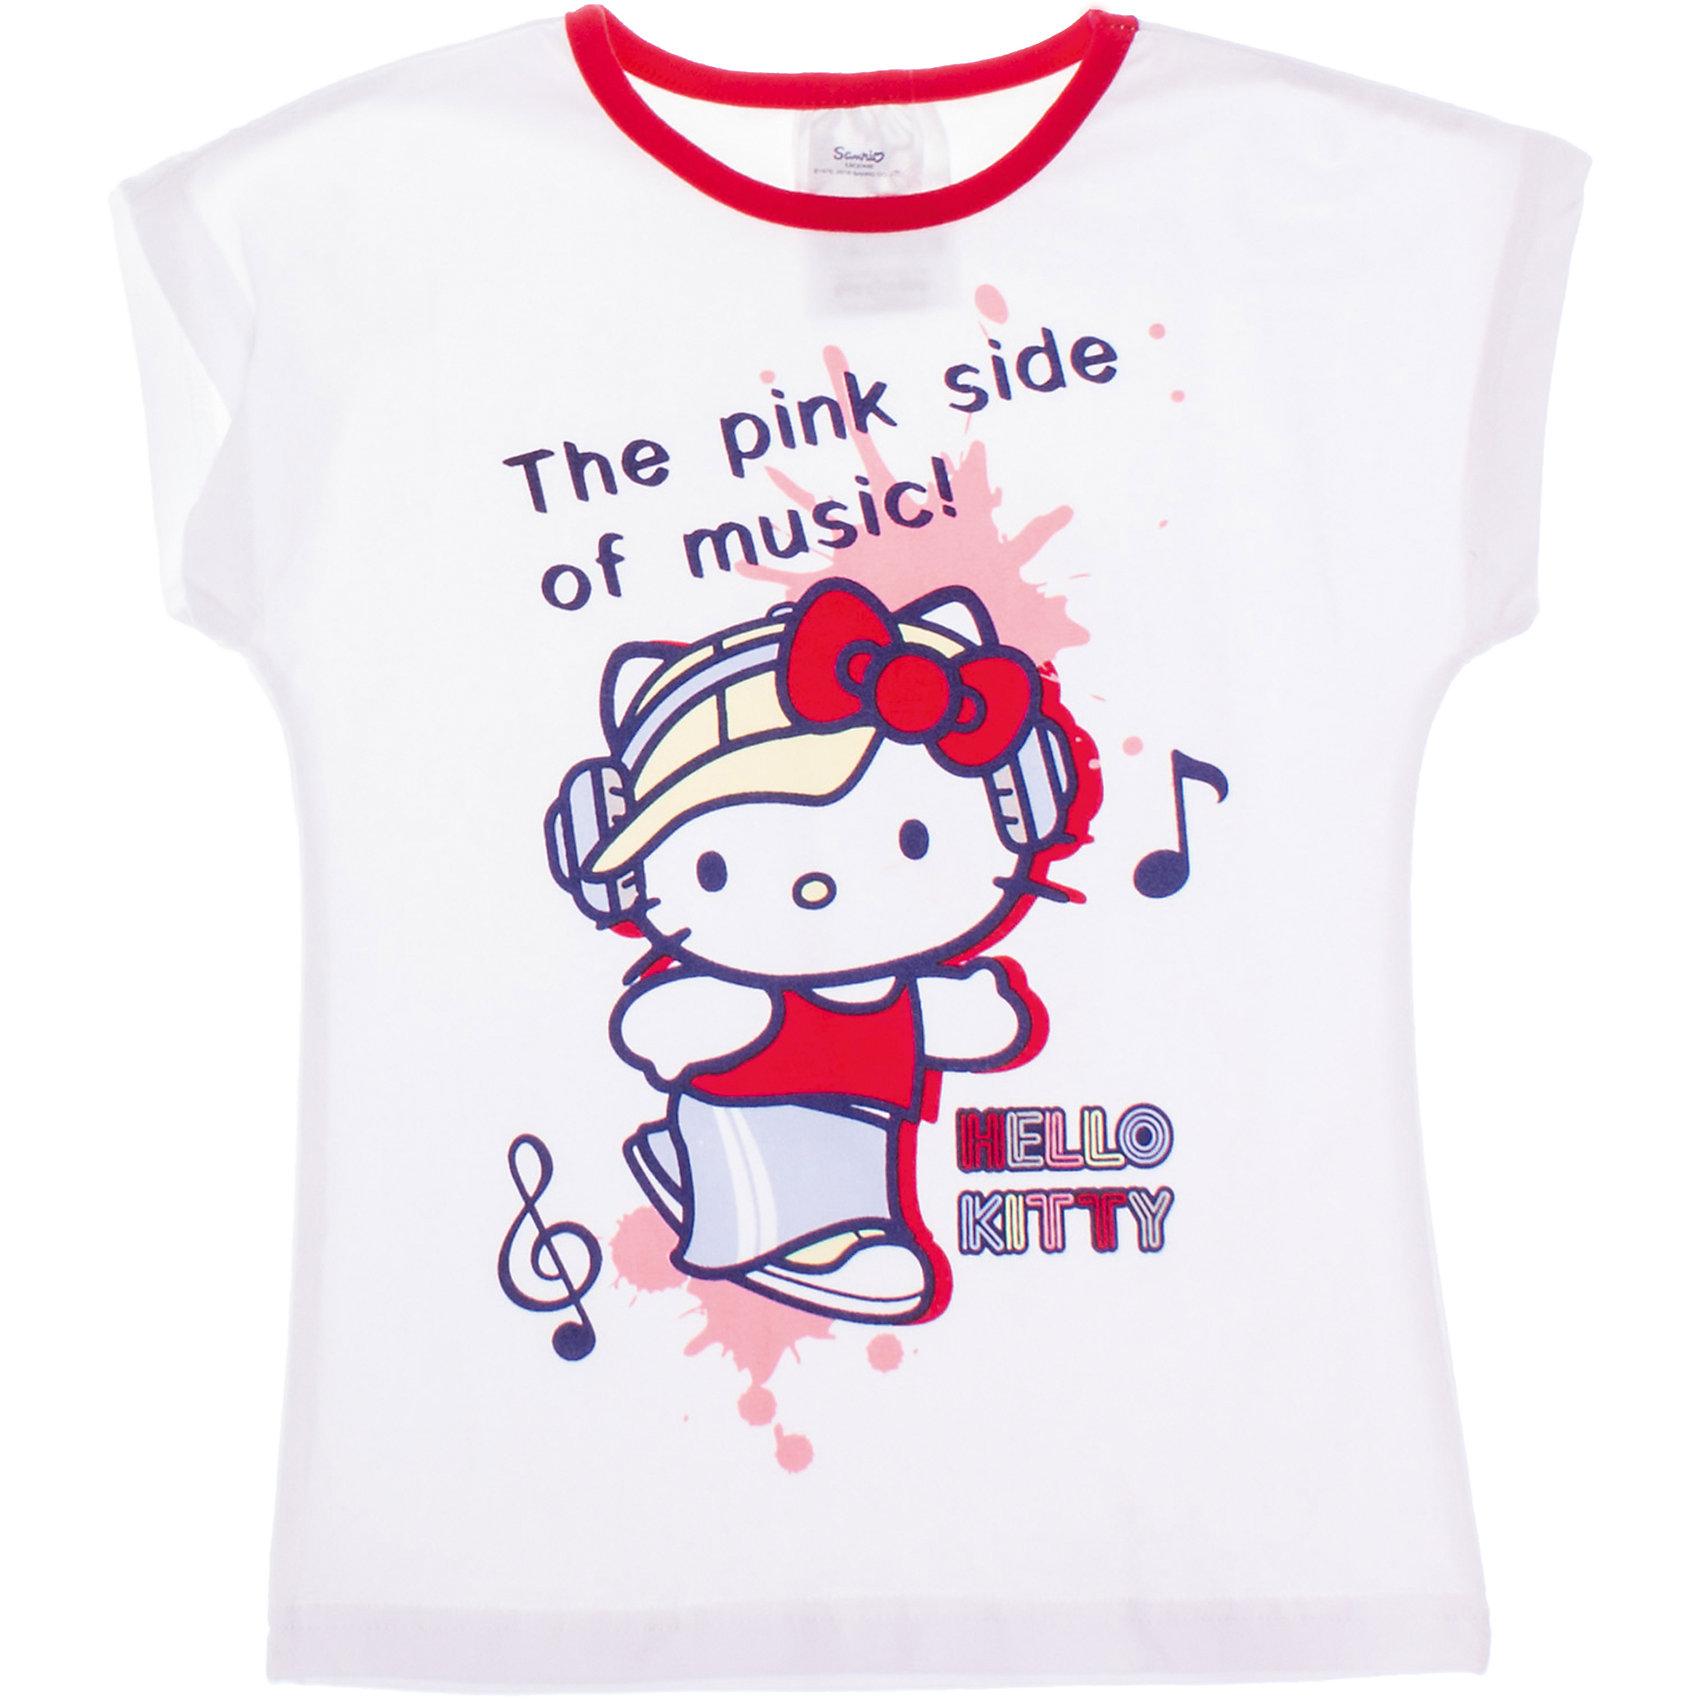 Футболка для девочки PlayTodayФутболки, поло и топы<br>Футболка для девочки PlayToday <br><br>Состав: 95% хлопок, 5% эластан <br><br>Белая хлопковая футболка. <br>Контрастный принт по лицензии Hello Kitty<br><br>Ширина мм: 199<br>Глубина мм: 10<br>Высота мм: 161<br>Вес г: 151<br>Цвет: белый<br>Возраст от месяцев: 72<br>Возраст до месяцев: 84<br>Пол: Женский<br>Возраст: Детский<br>Размер: 116,98,110,128,122,104<br>SKU: 4503819